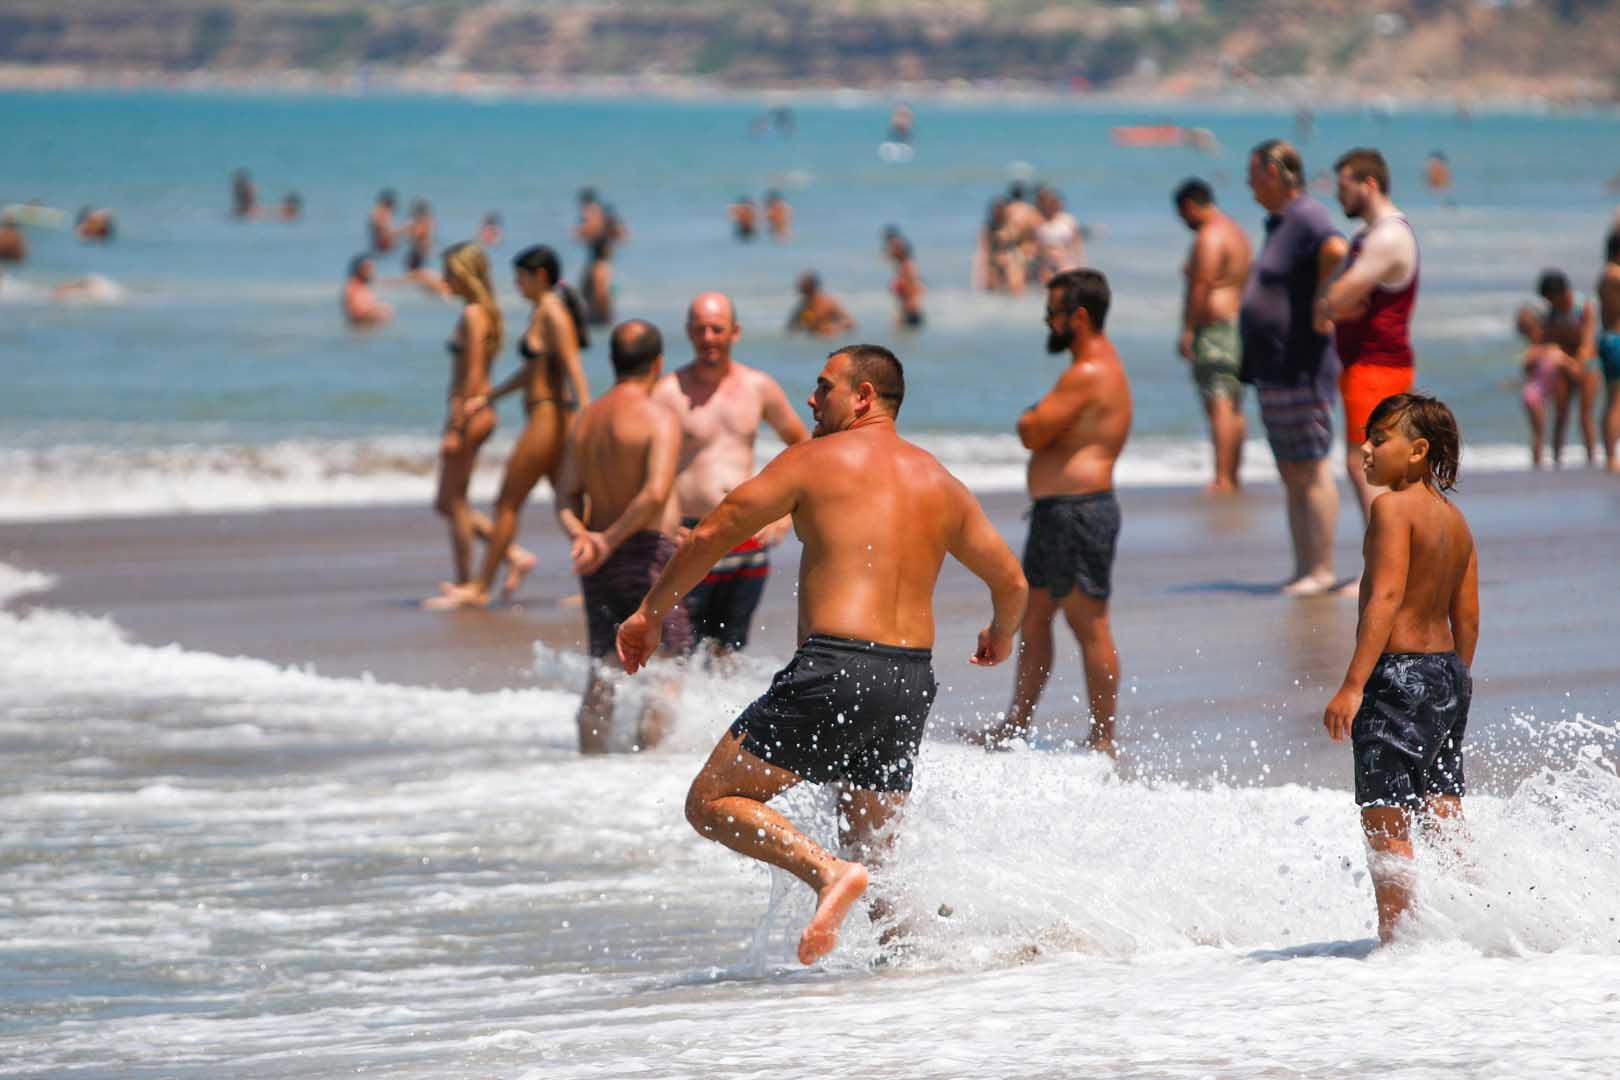 Comer en la playa también varía según los balnearios. En general, según constató Infobae, una pareja puede almorzar por una suma que oscila entre los $1.200 y $1.700. Para una familia tipo, el valor varía entre los $2.000 y los $3.500